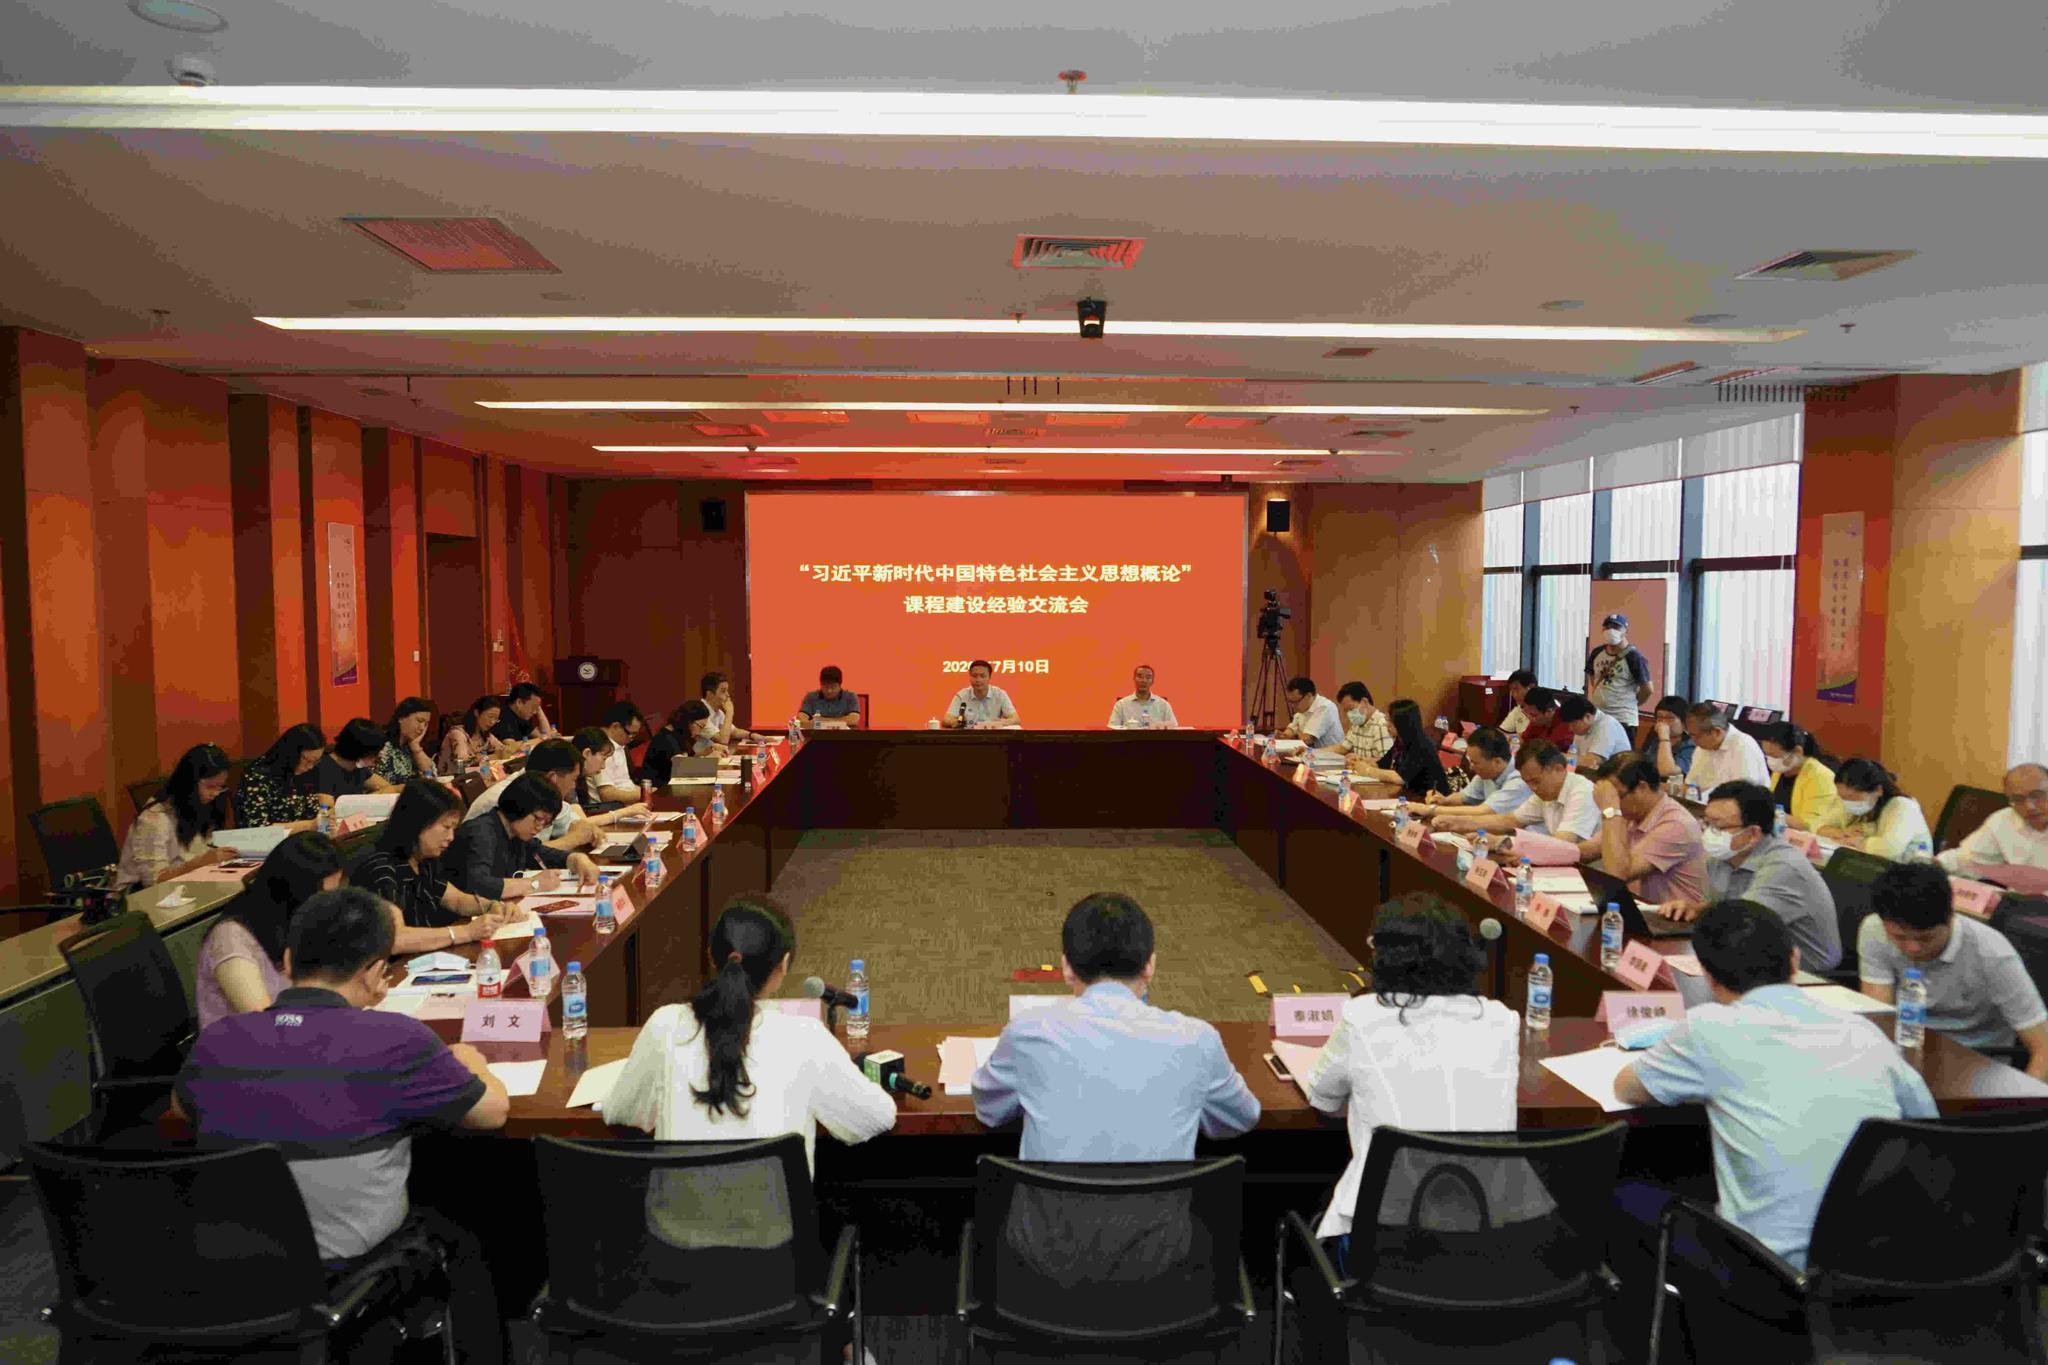 """学生满意率超97%!上海15所高校开的这门""""金课"""",跟随总书记足迹建设首批研修基地"""